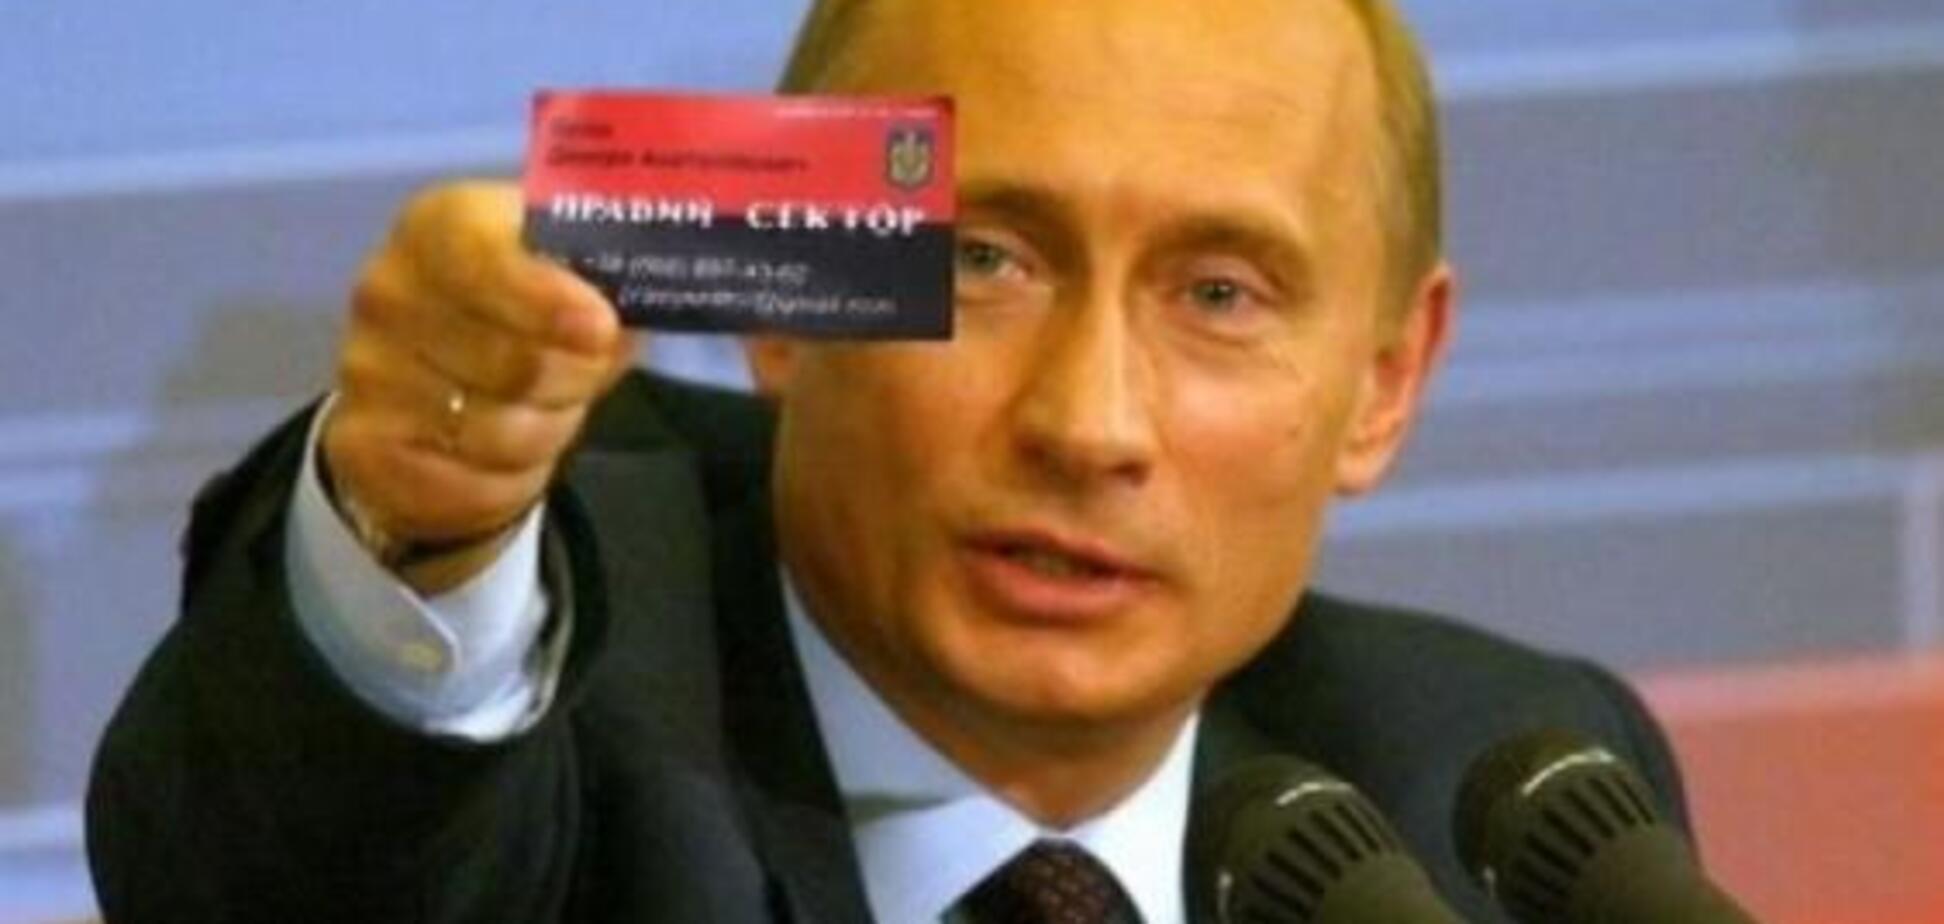 Ищут визитку Яроша? В России решили проверить керченского стрелка на связь с ''Правым сектором''